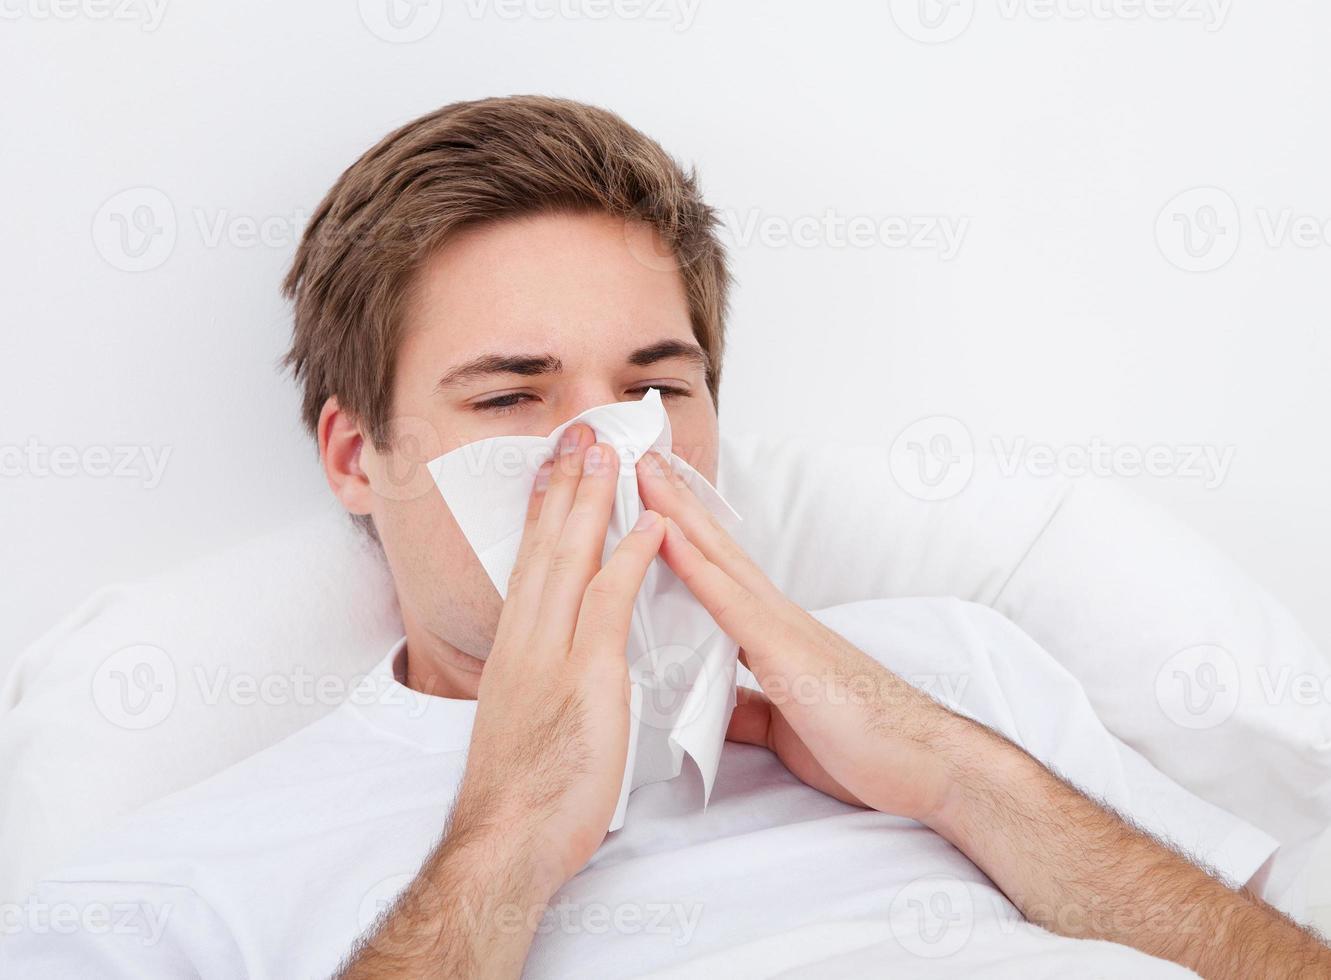 Mann putzte sich die Nase foto